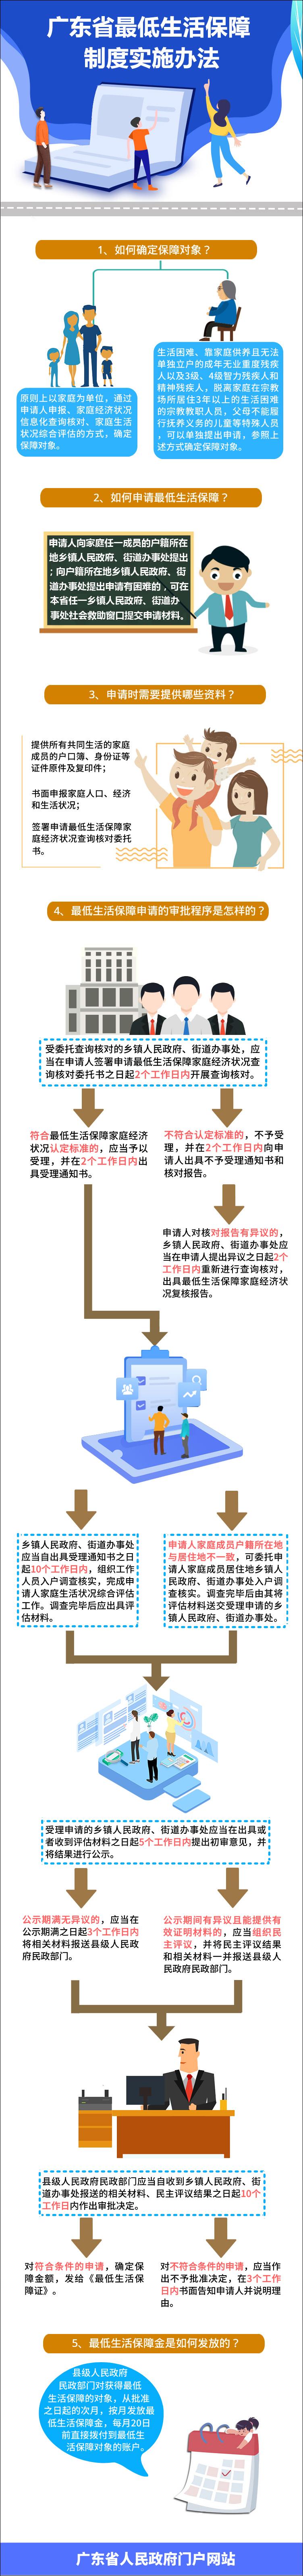 居住证2.jpg